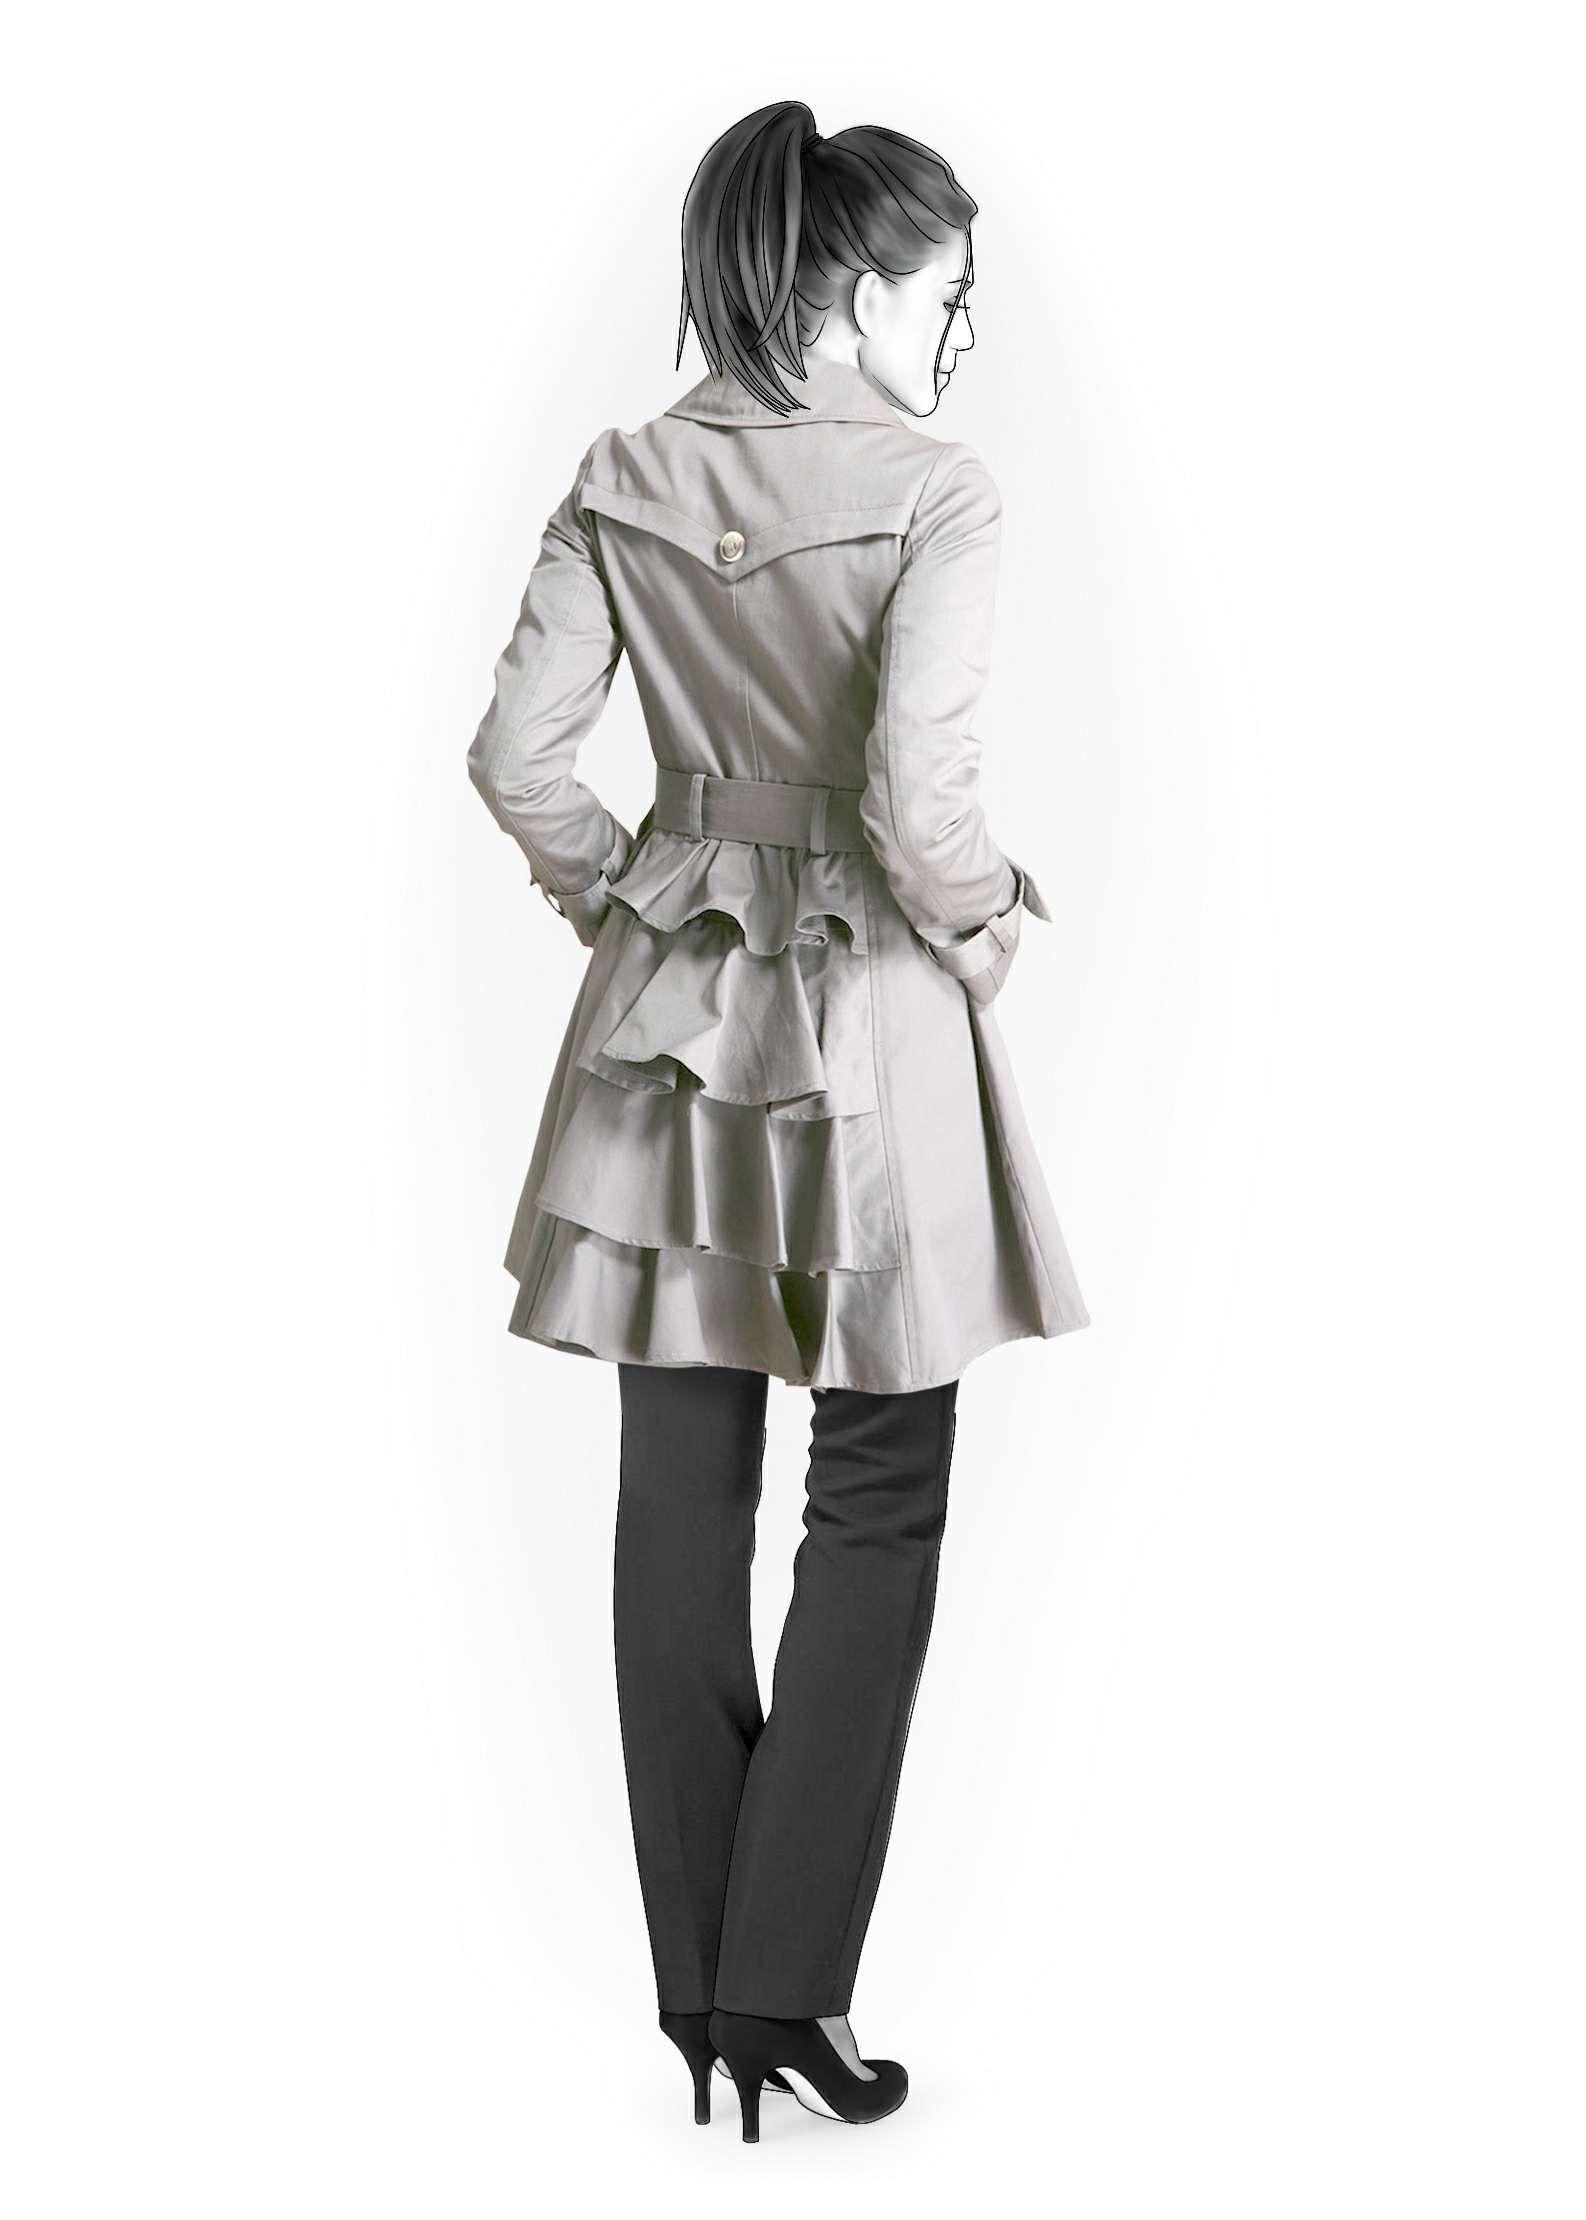 Raincoat - Sewing Pattern #4176 lekala sewing patterns (made to size!)